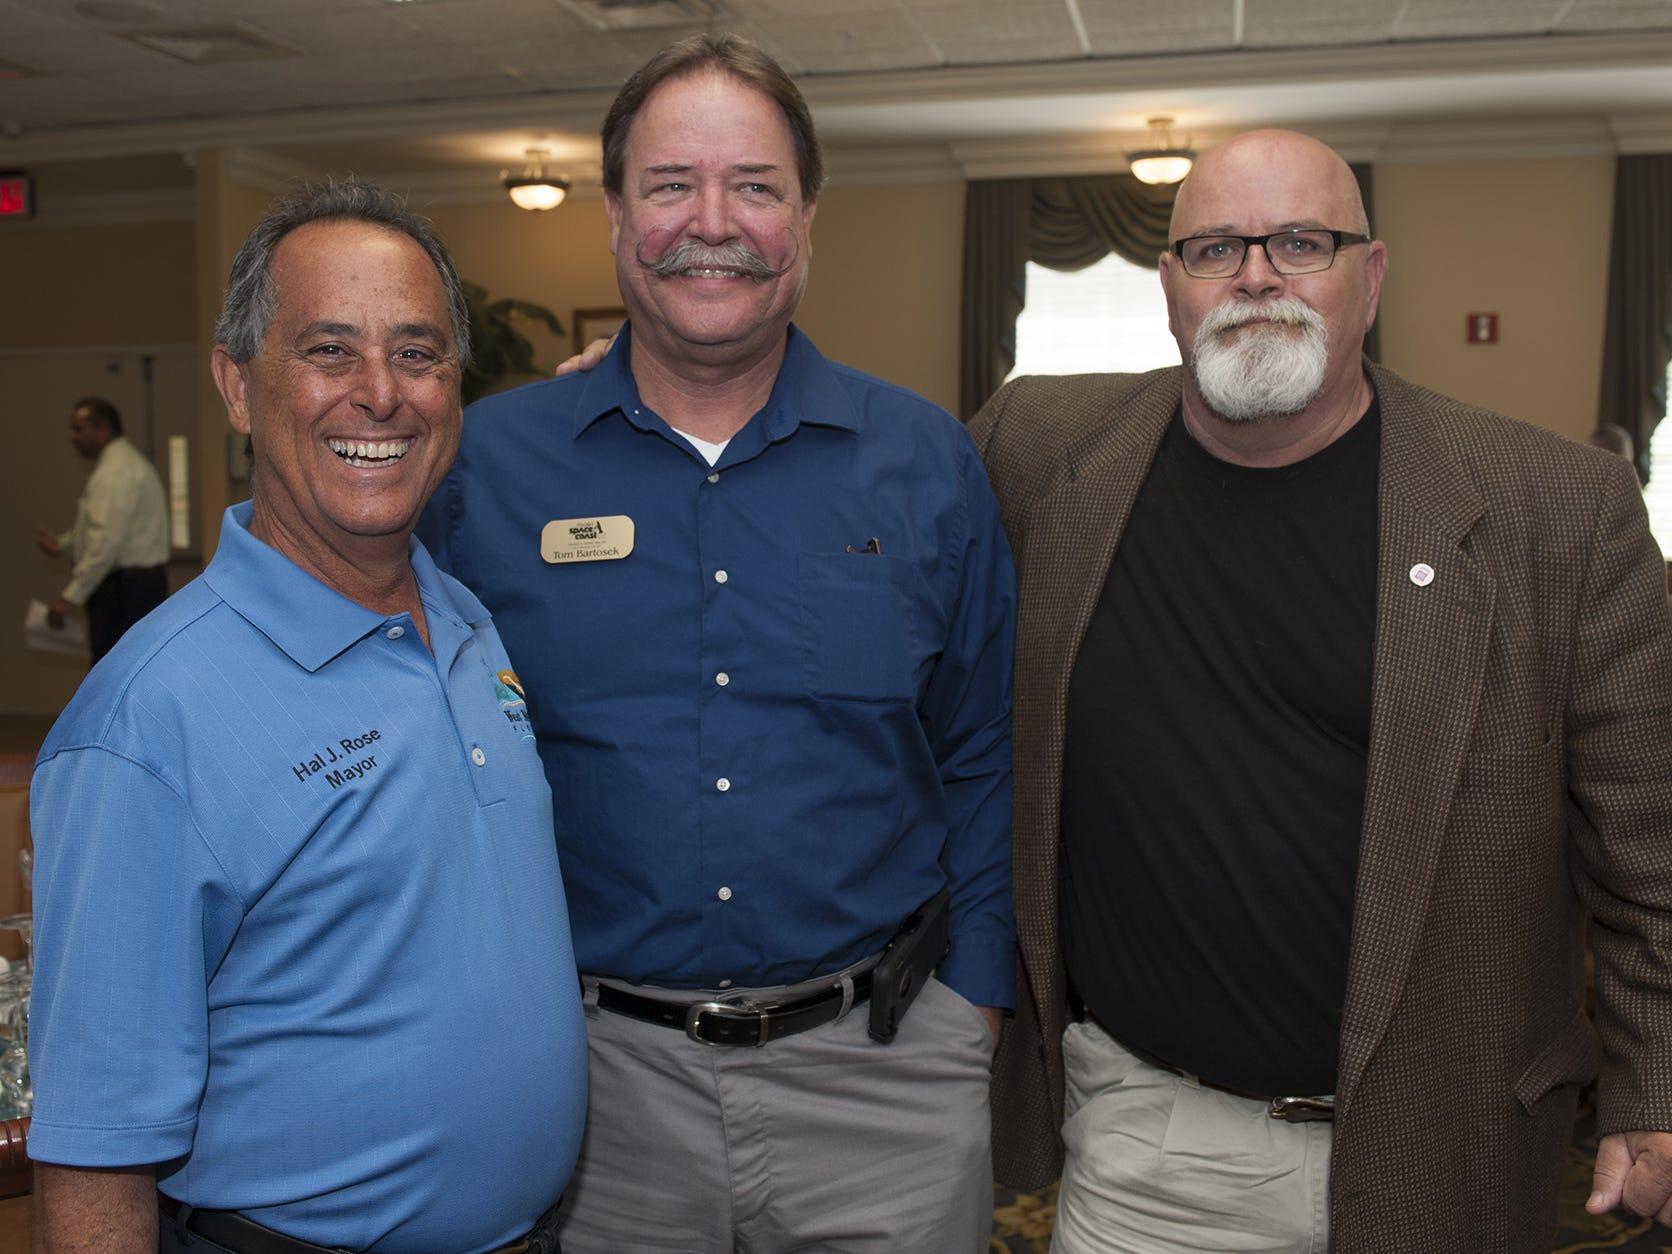 2016 file photo shows West Melbourne Mayor Hal J. Rose, left, Tom Bartosek and Dave Isnardi.